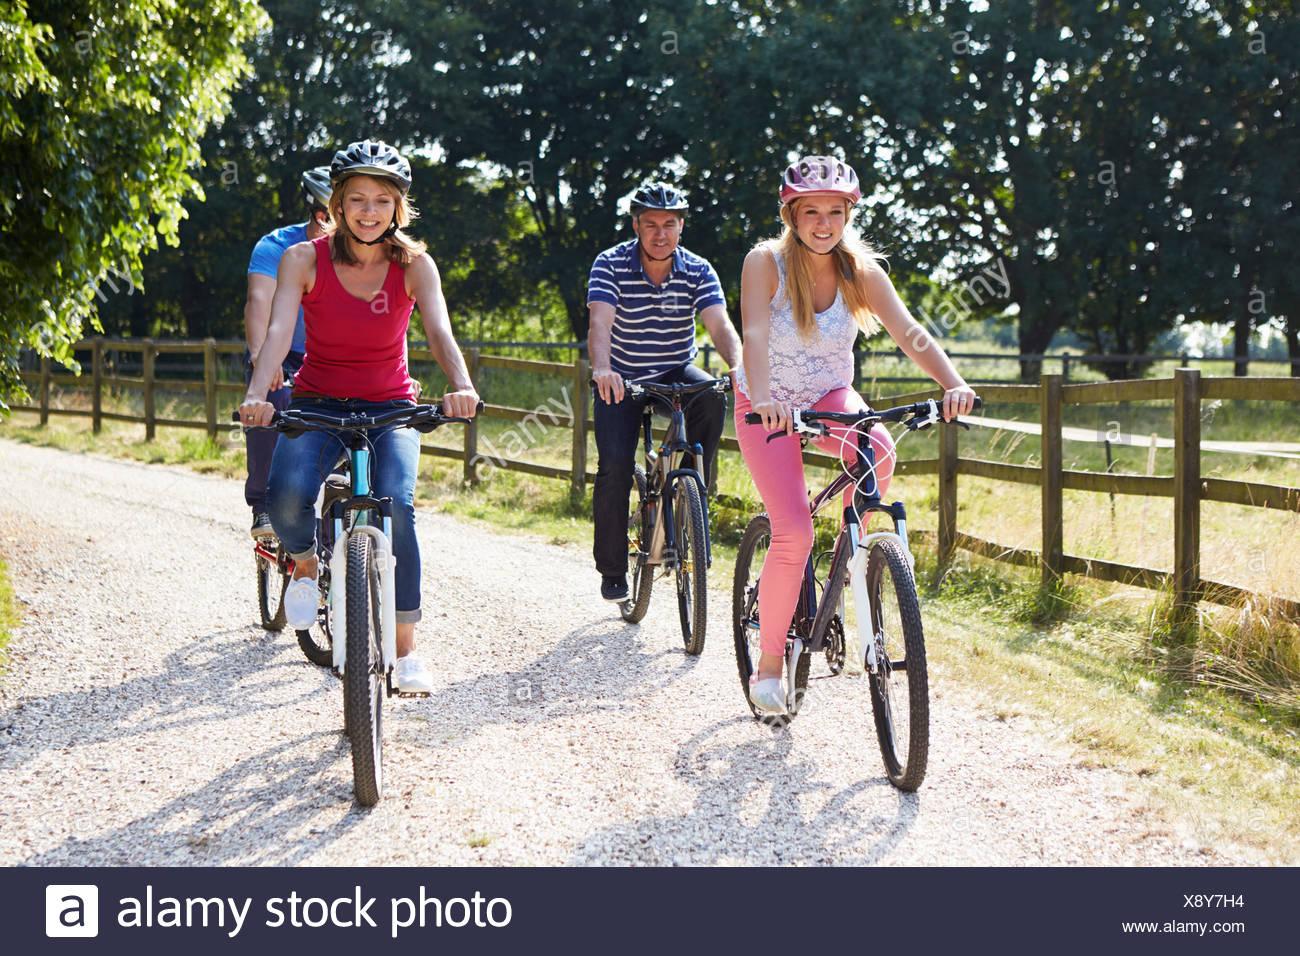 Familia con hijos adolescentes en Paseo en Bicicleta en el campo Imagen De Stock